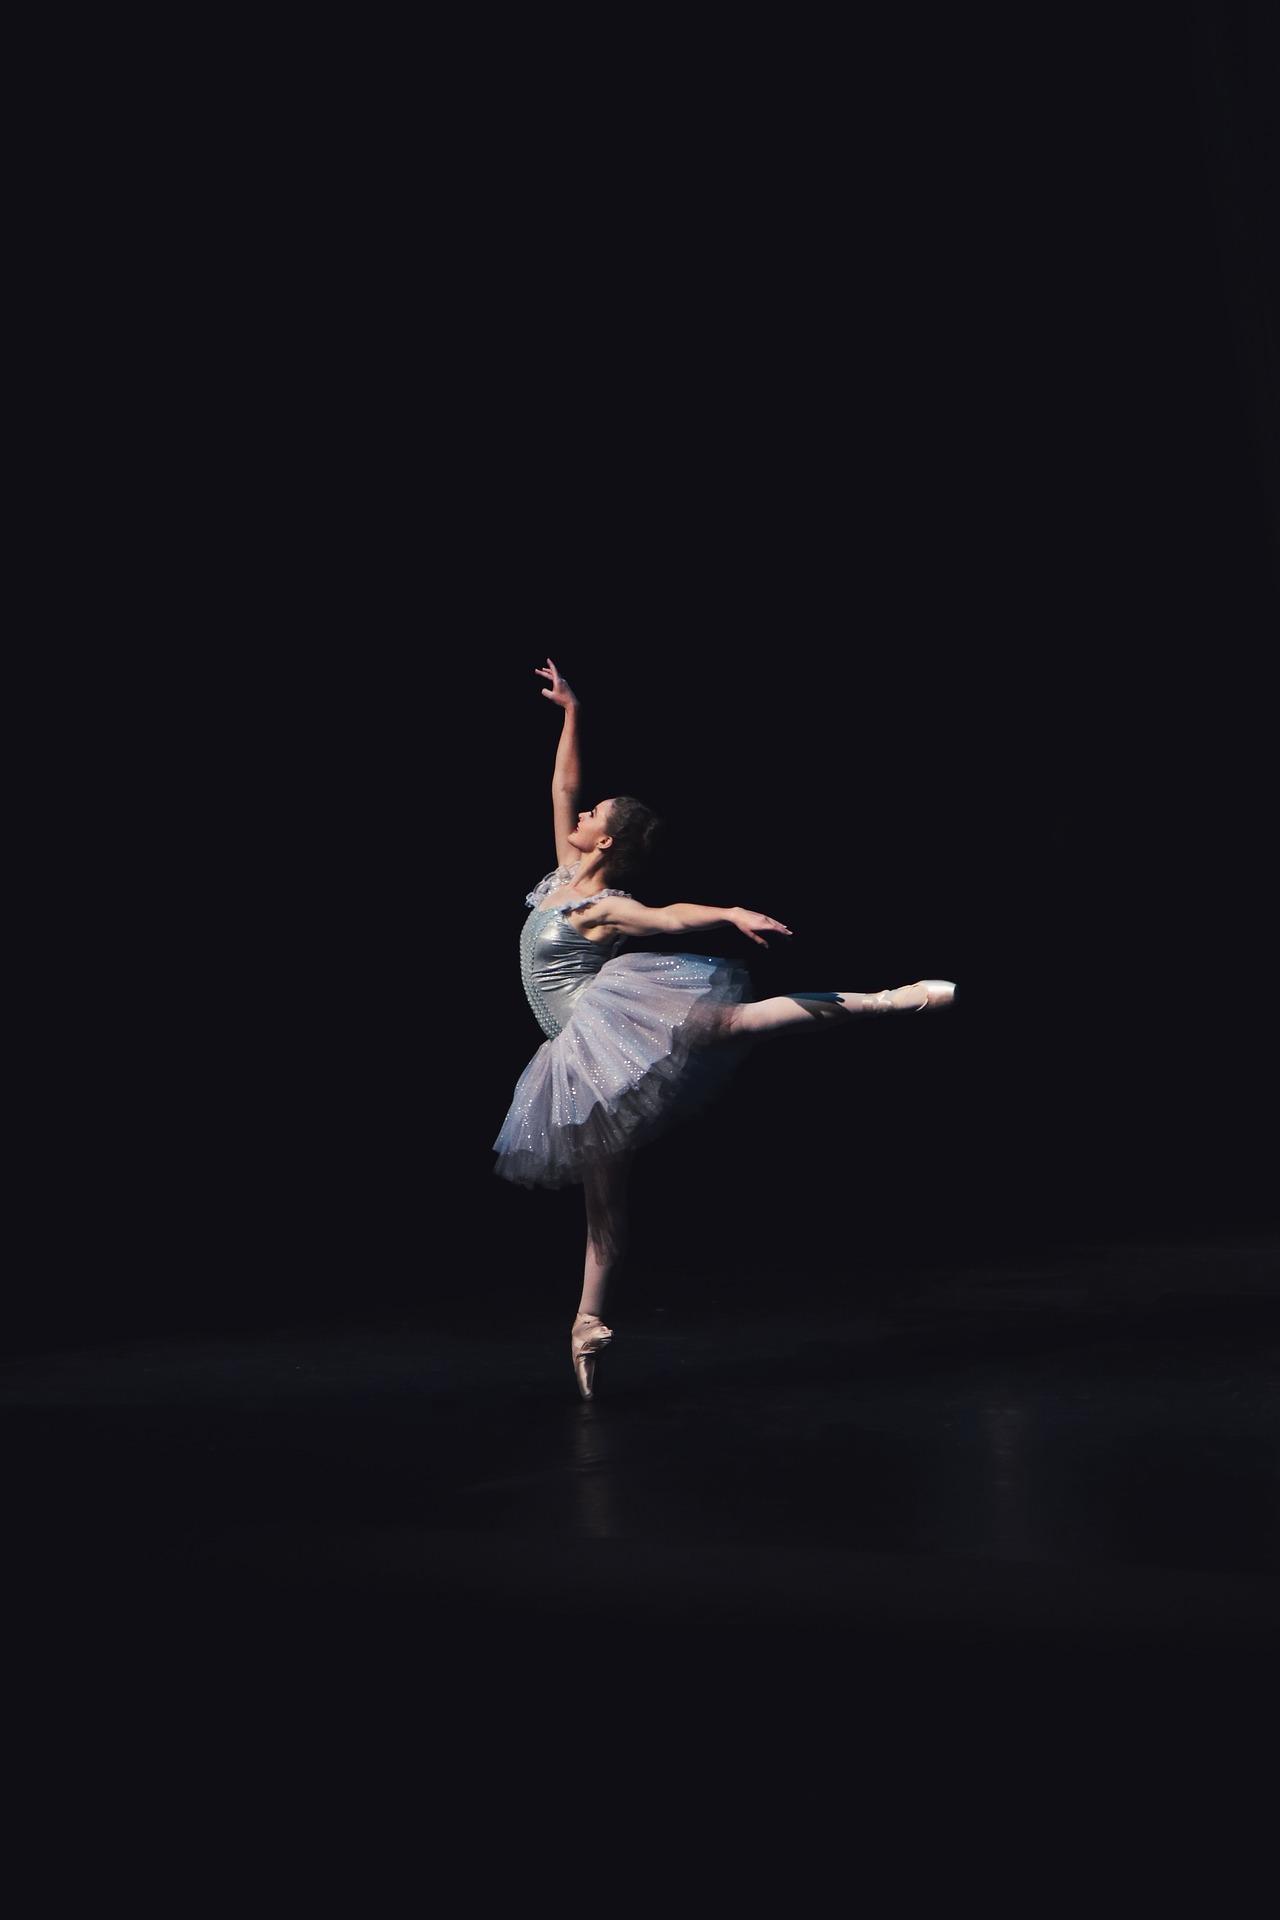 La billetterie indépendante adaptée aux organisateurs de galas de danse.